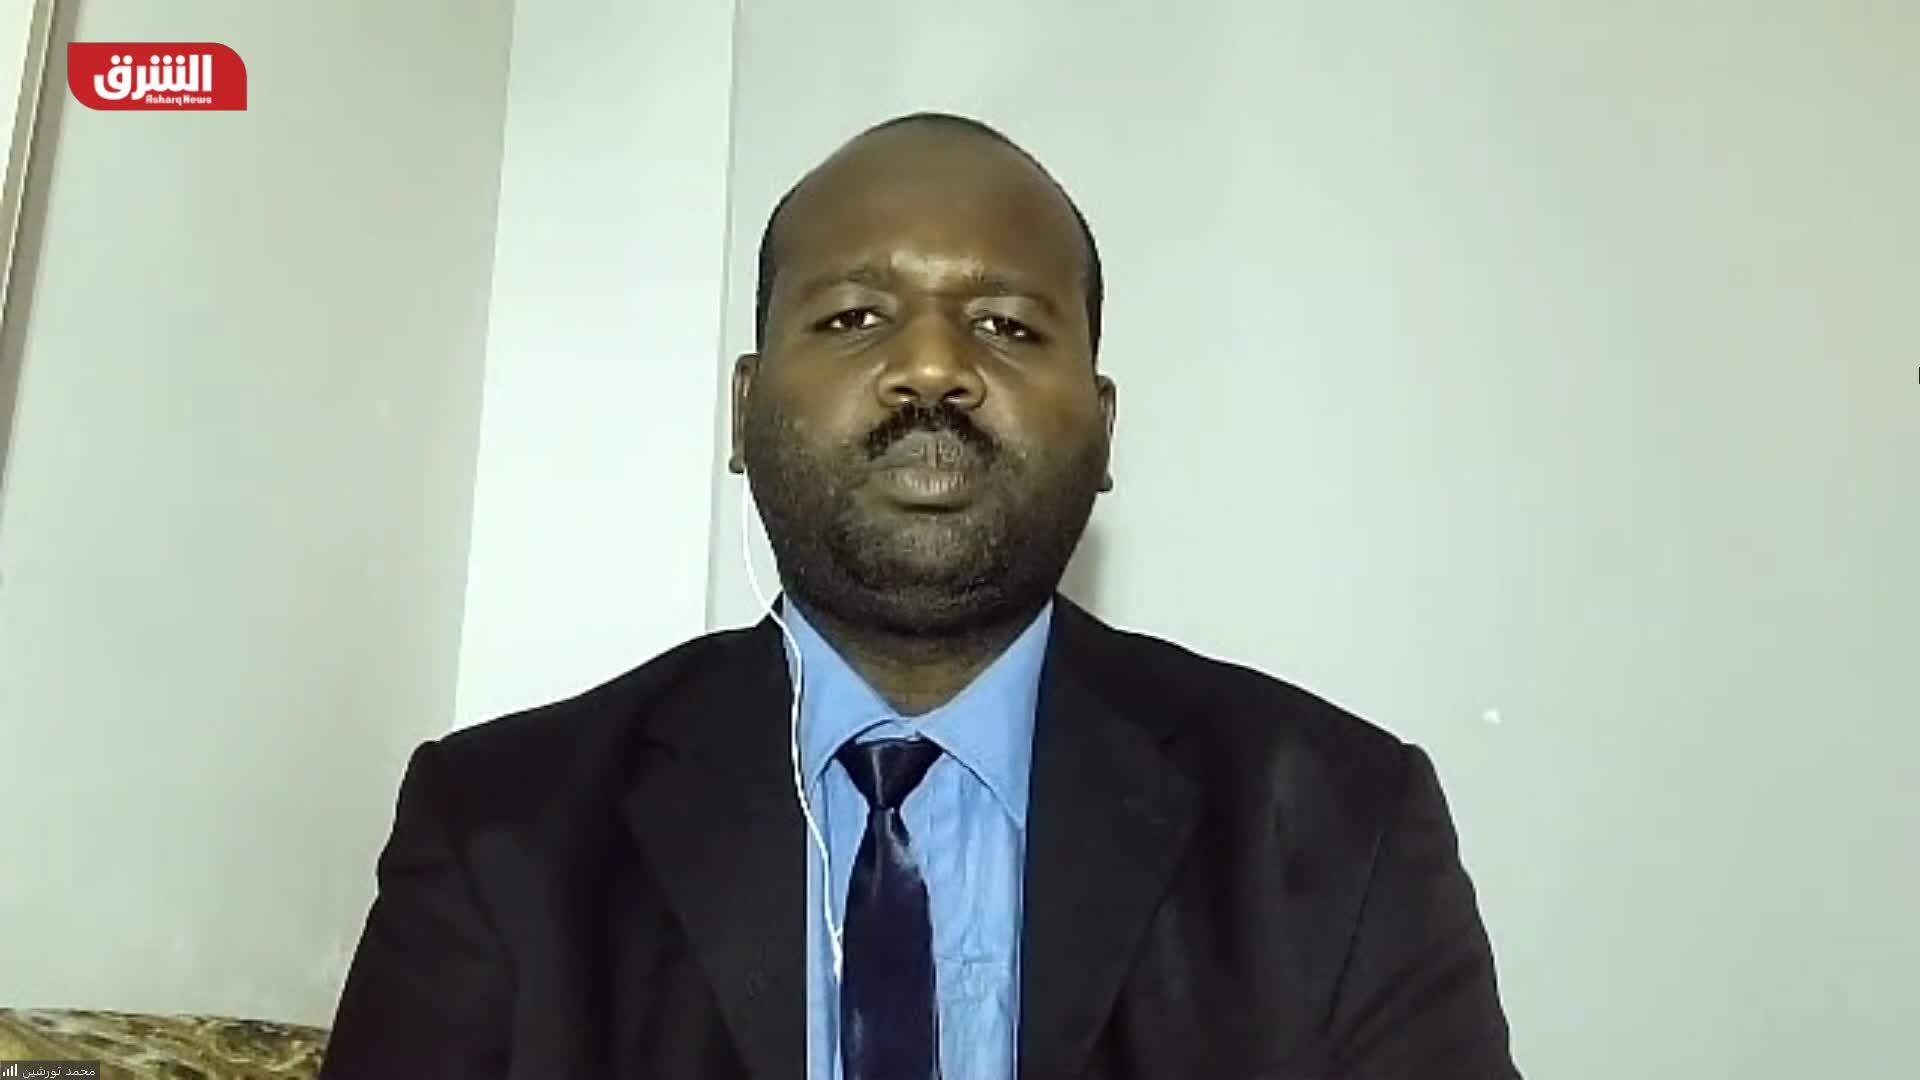 ما هي العواقب المحتملة لما يحدث في السودان؟